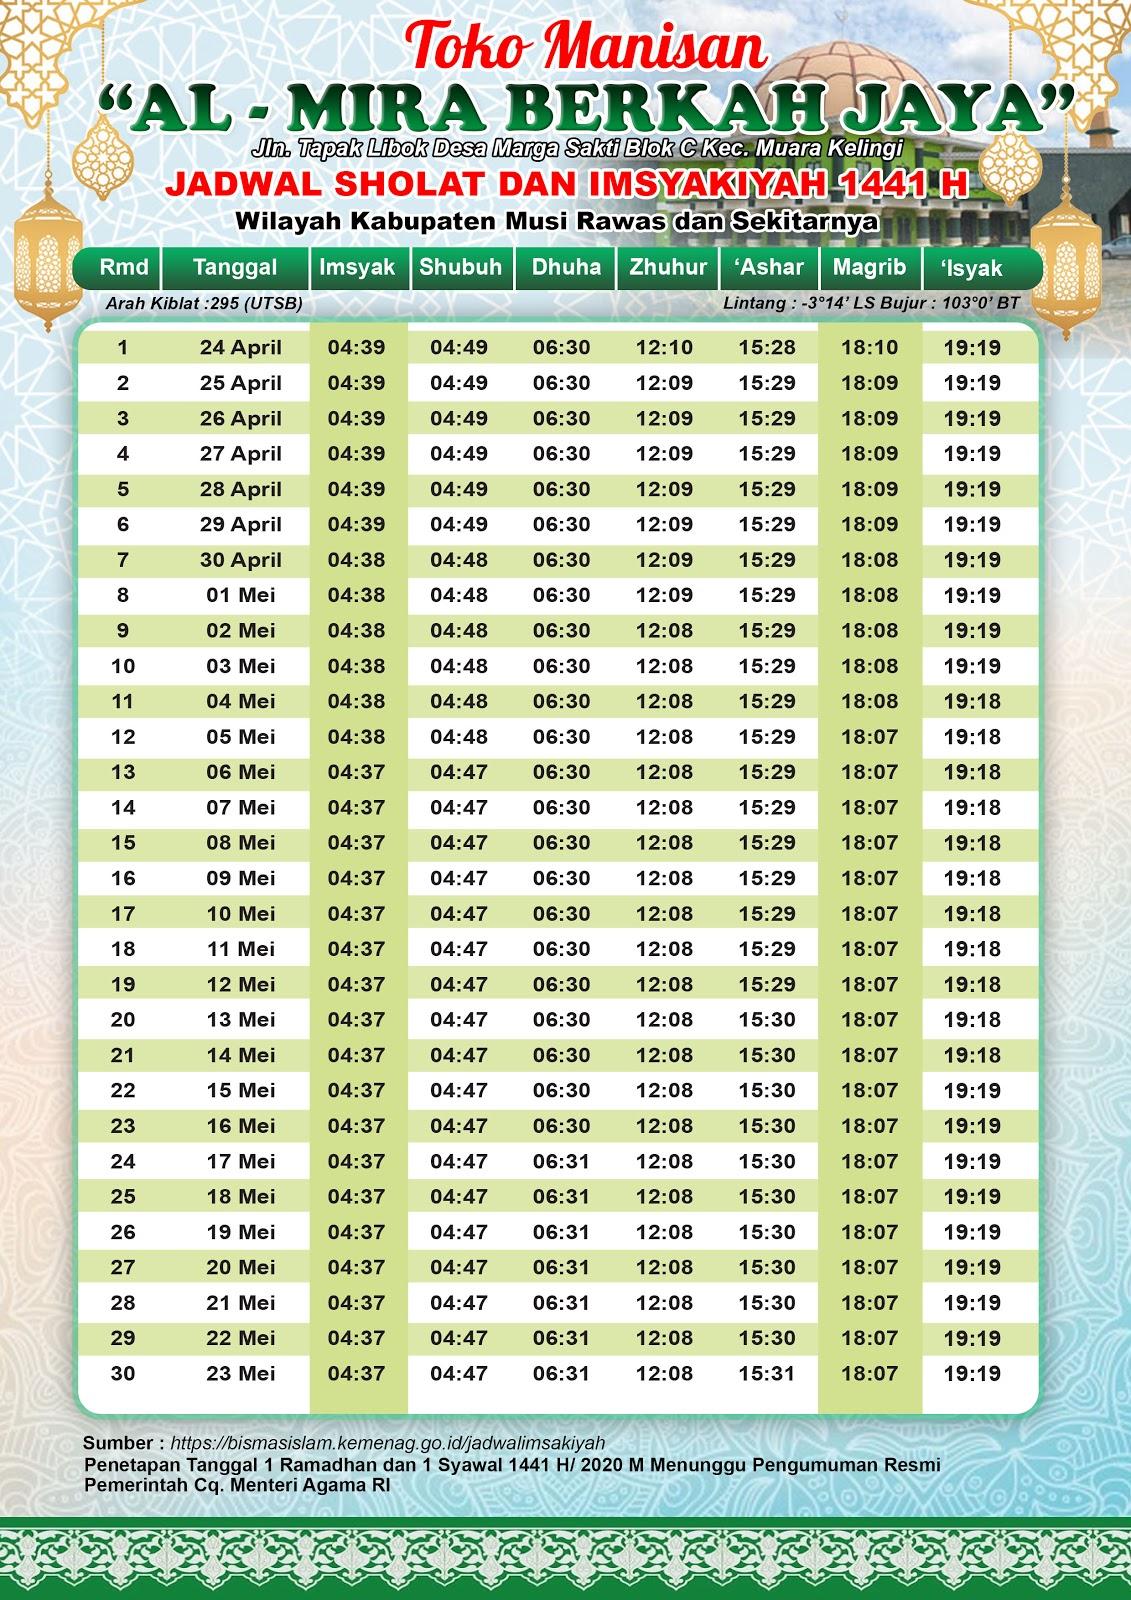 Jadwal Imsakiyah 1441 H Wilayah Musi Rawas